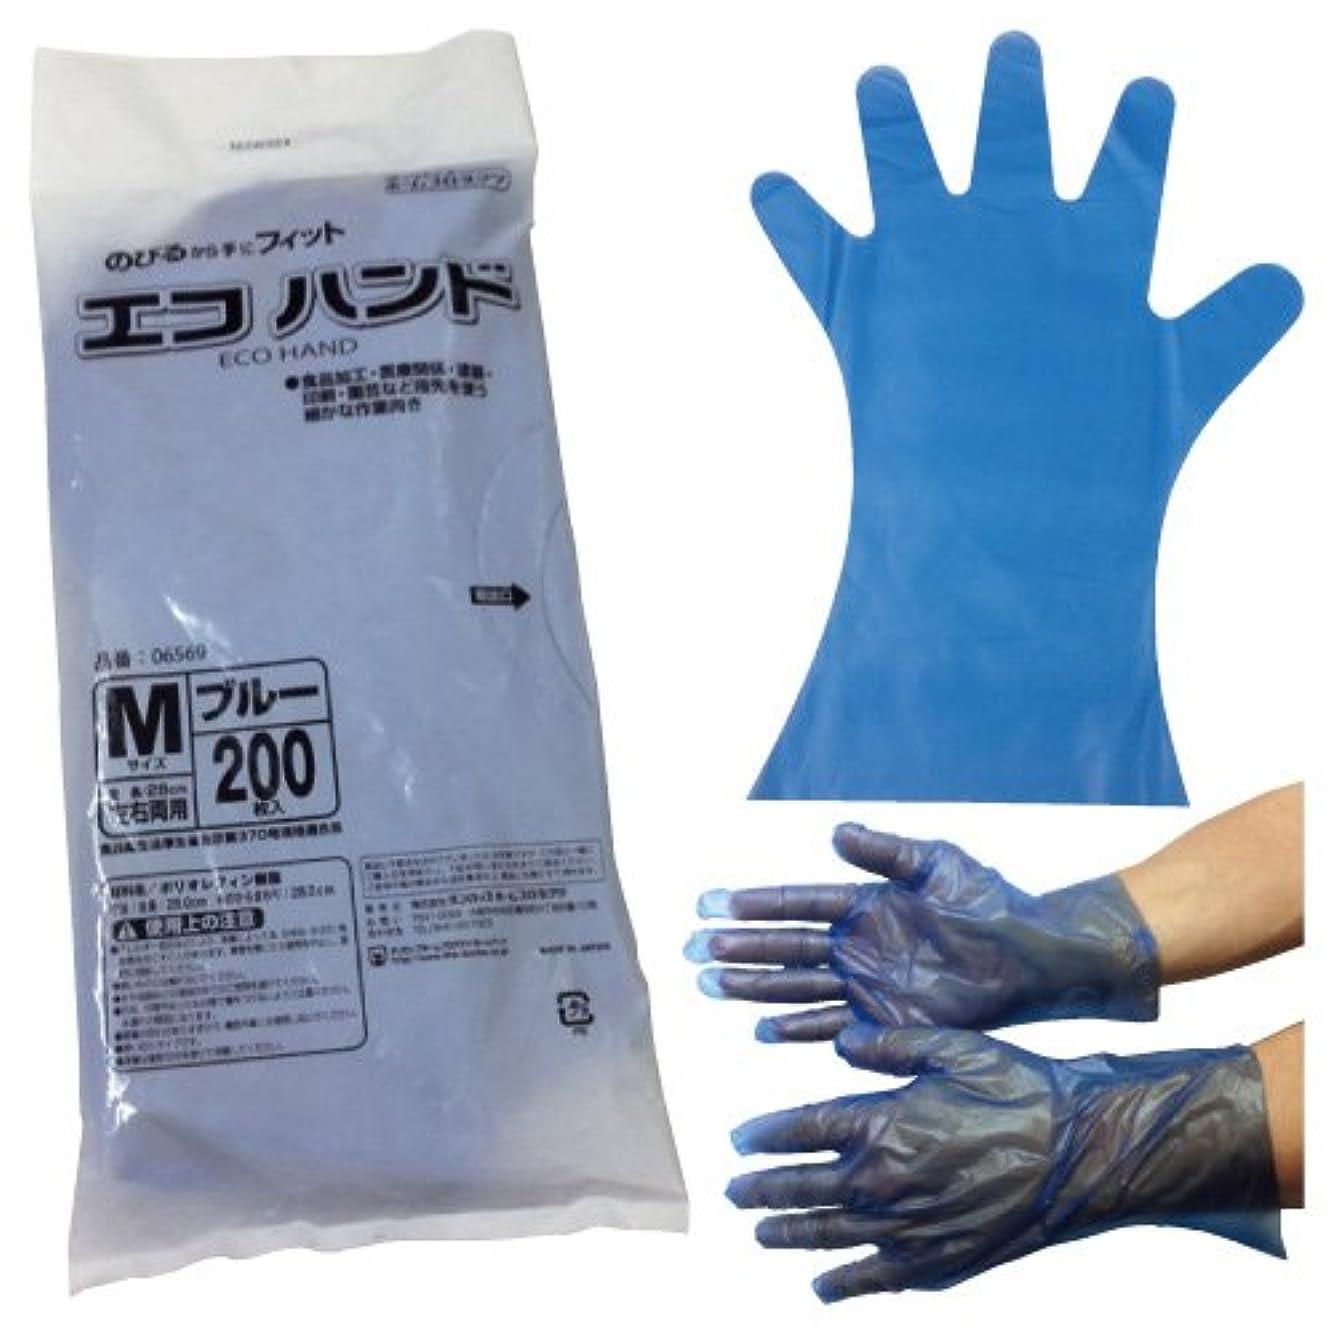 補助用手袋 エコハンド(S) ?????????????????(S) 6568(200????)【20袋単位】(24-3470-00)